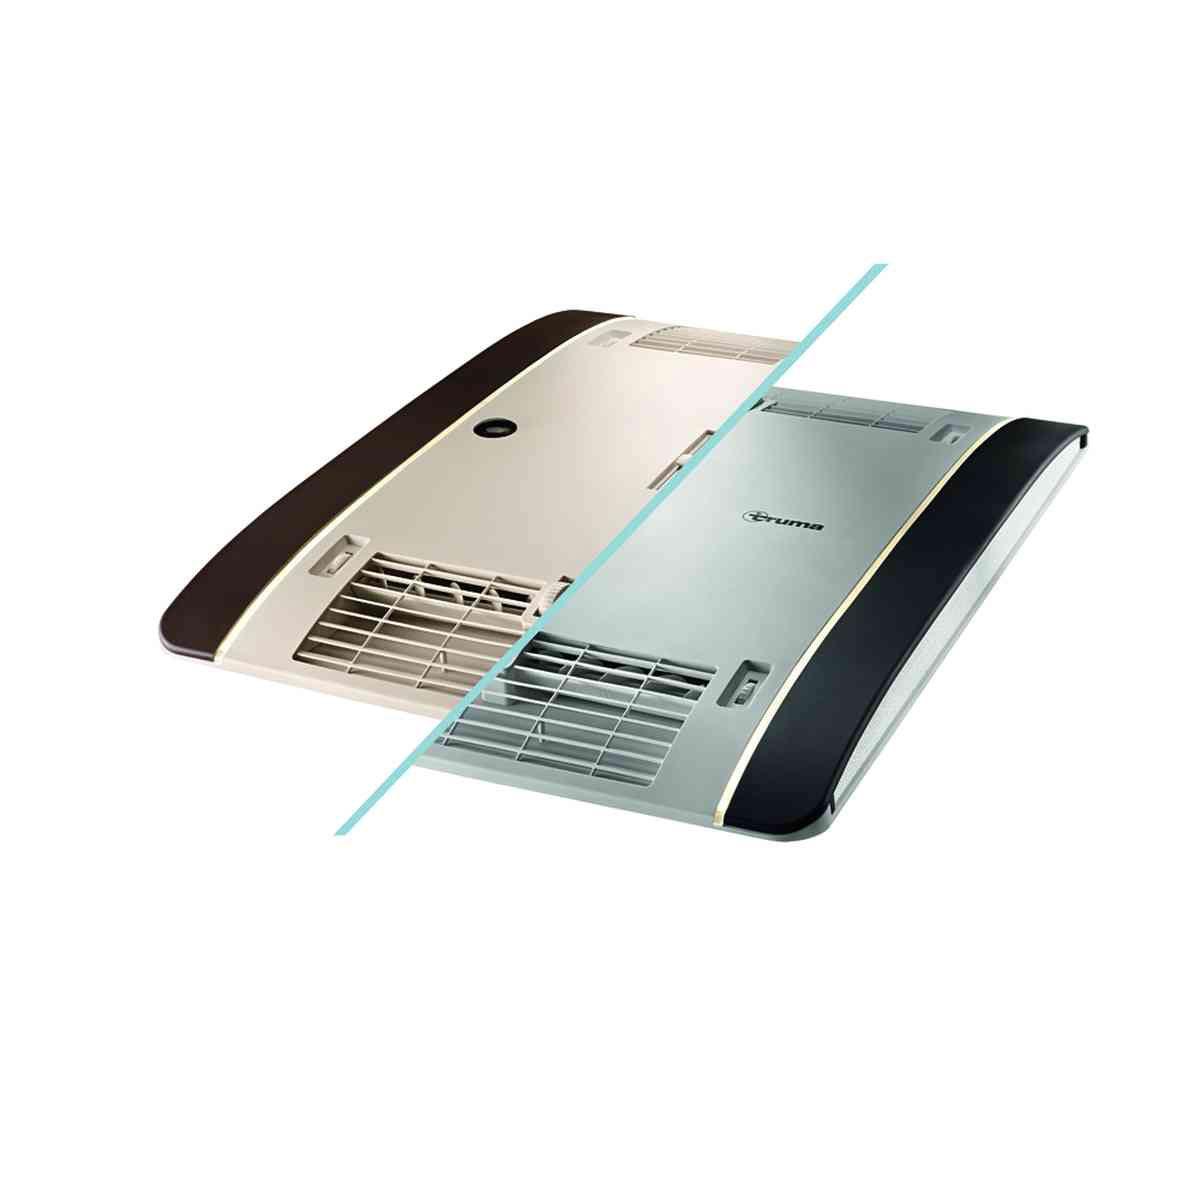 Truma Aventa Comfort Air Conditioning Air Distribution Unit large